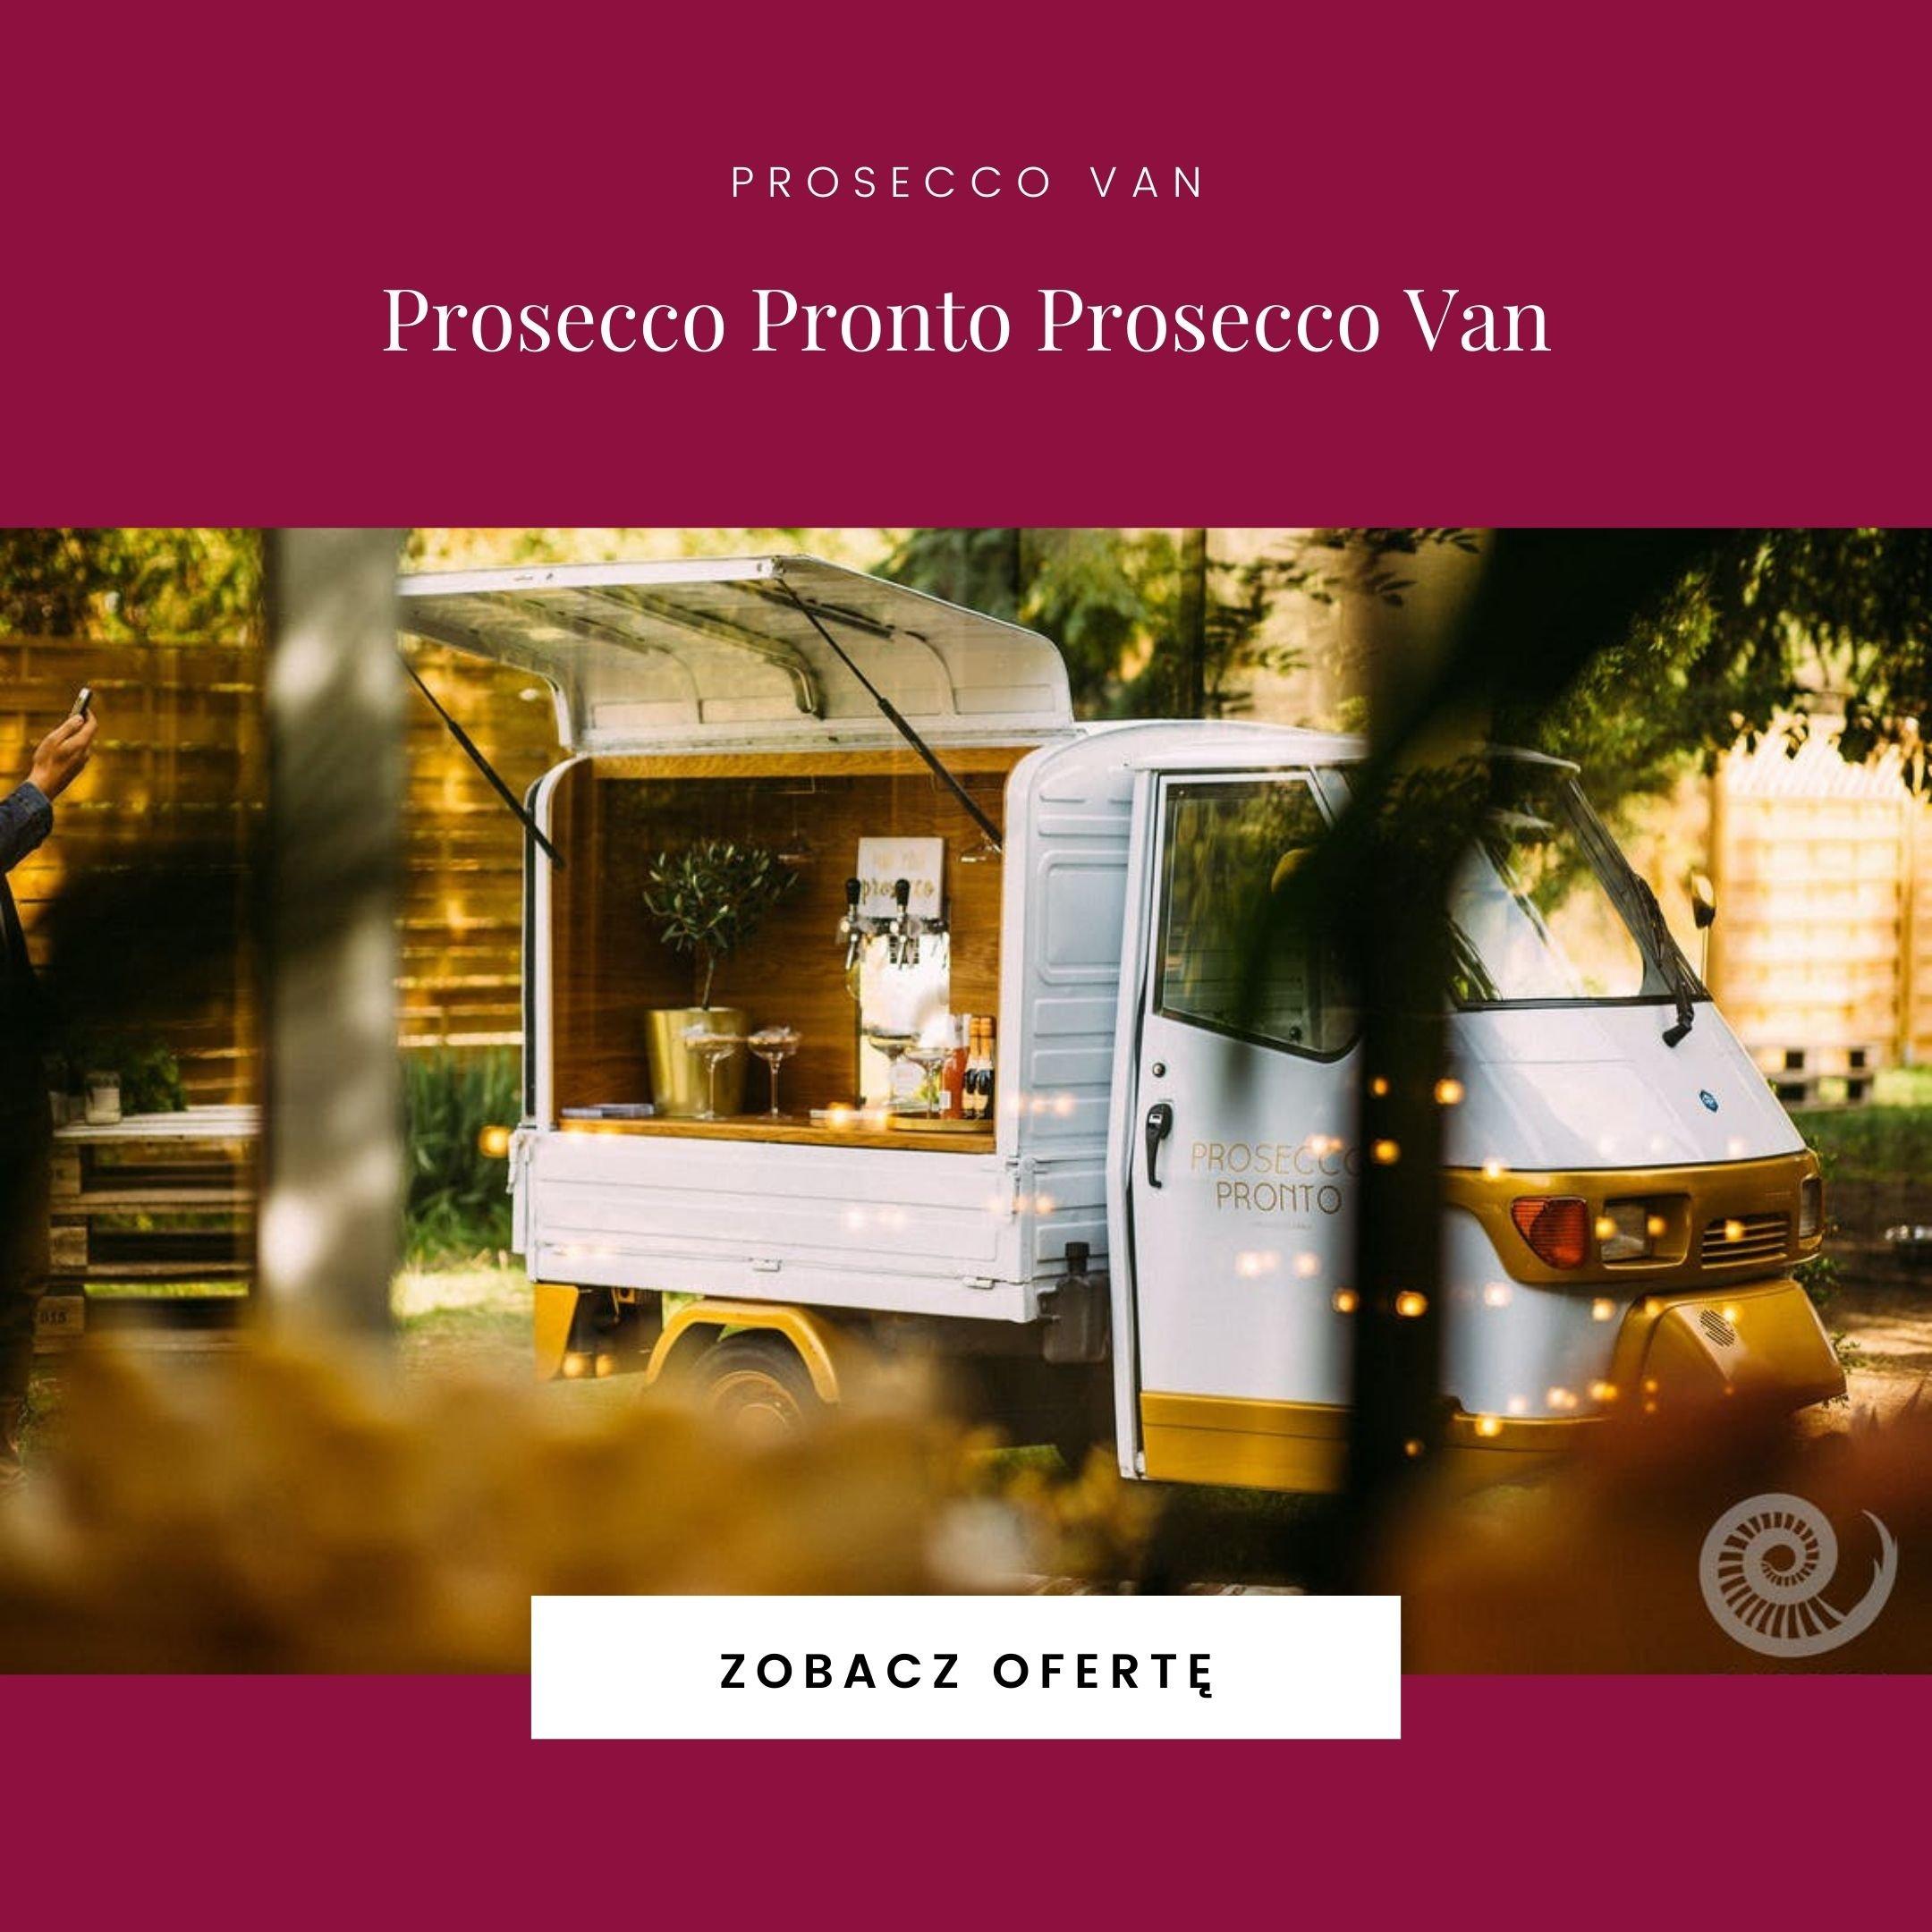 Prosecco Pronto Prosecco Van